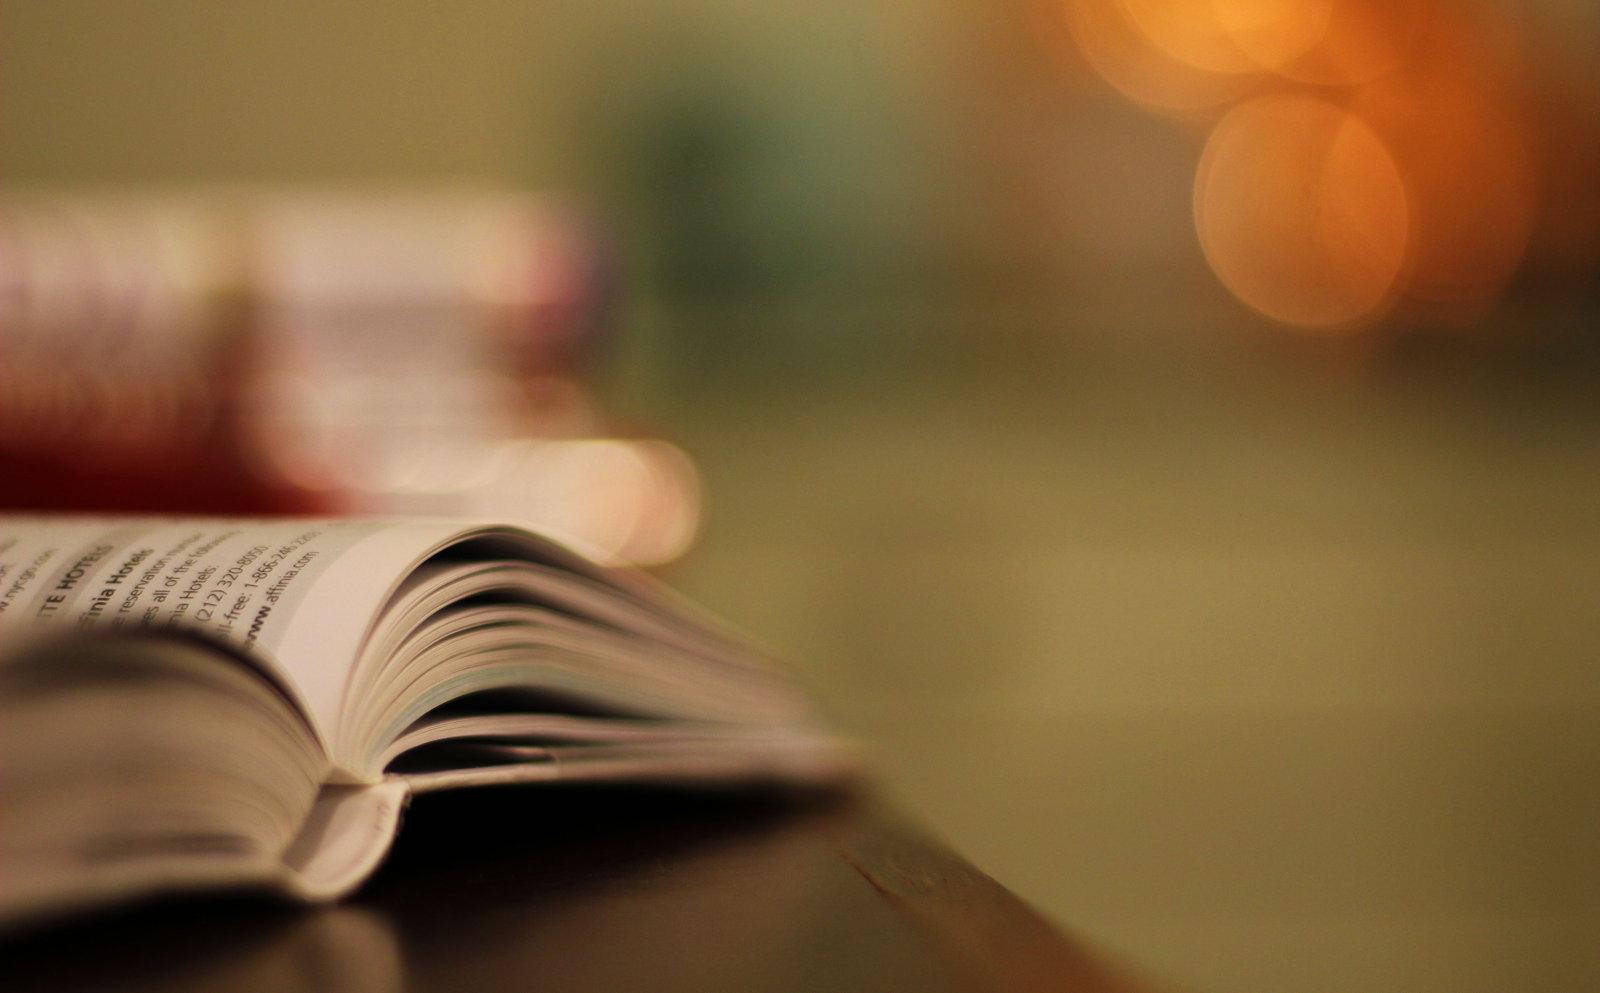 Free Book Wallpaper  WallpaperSafari